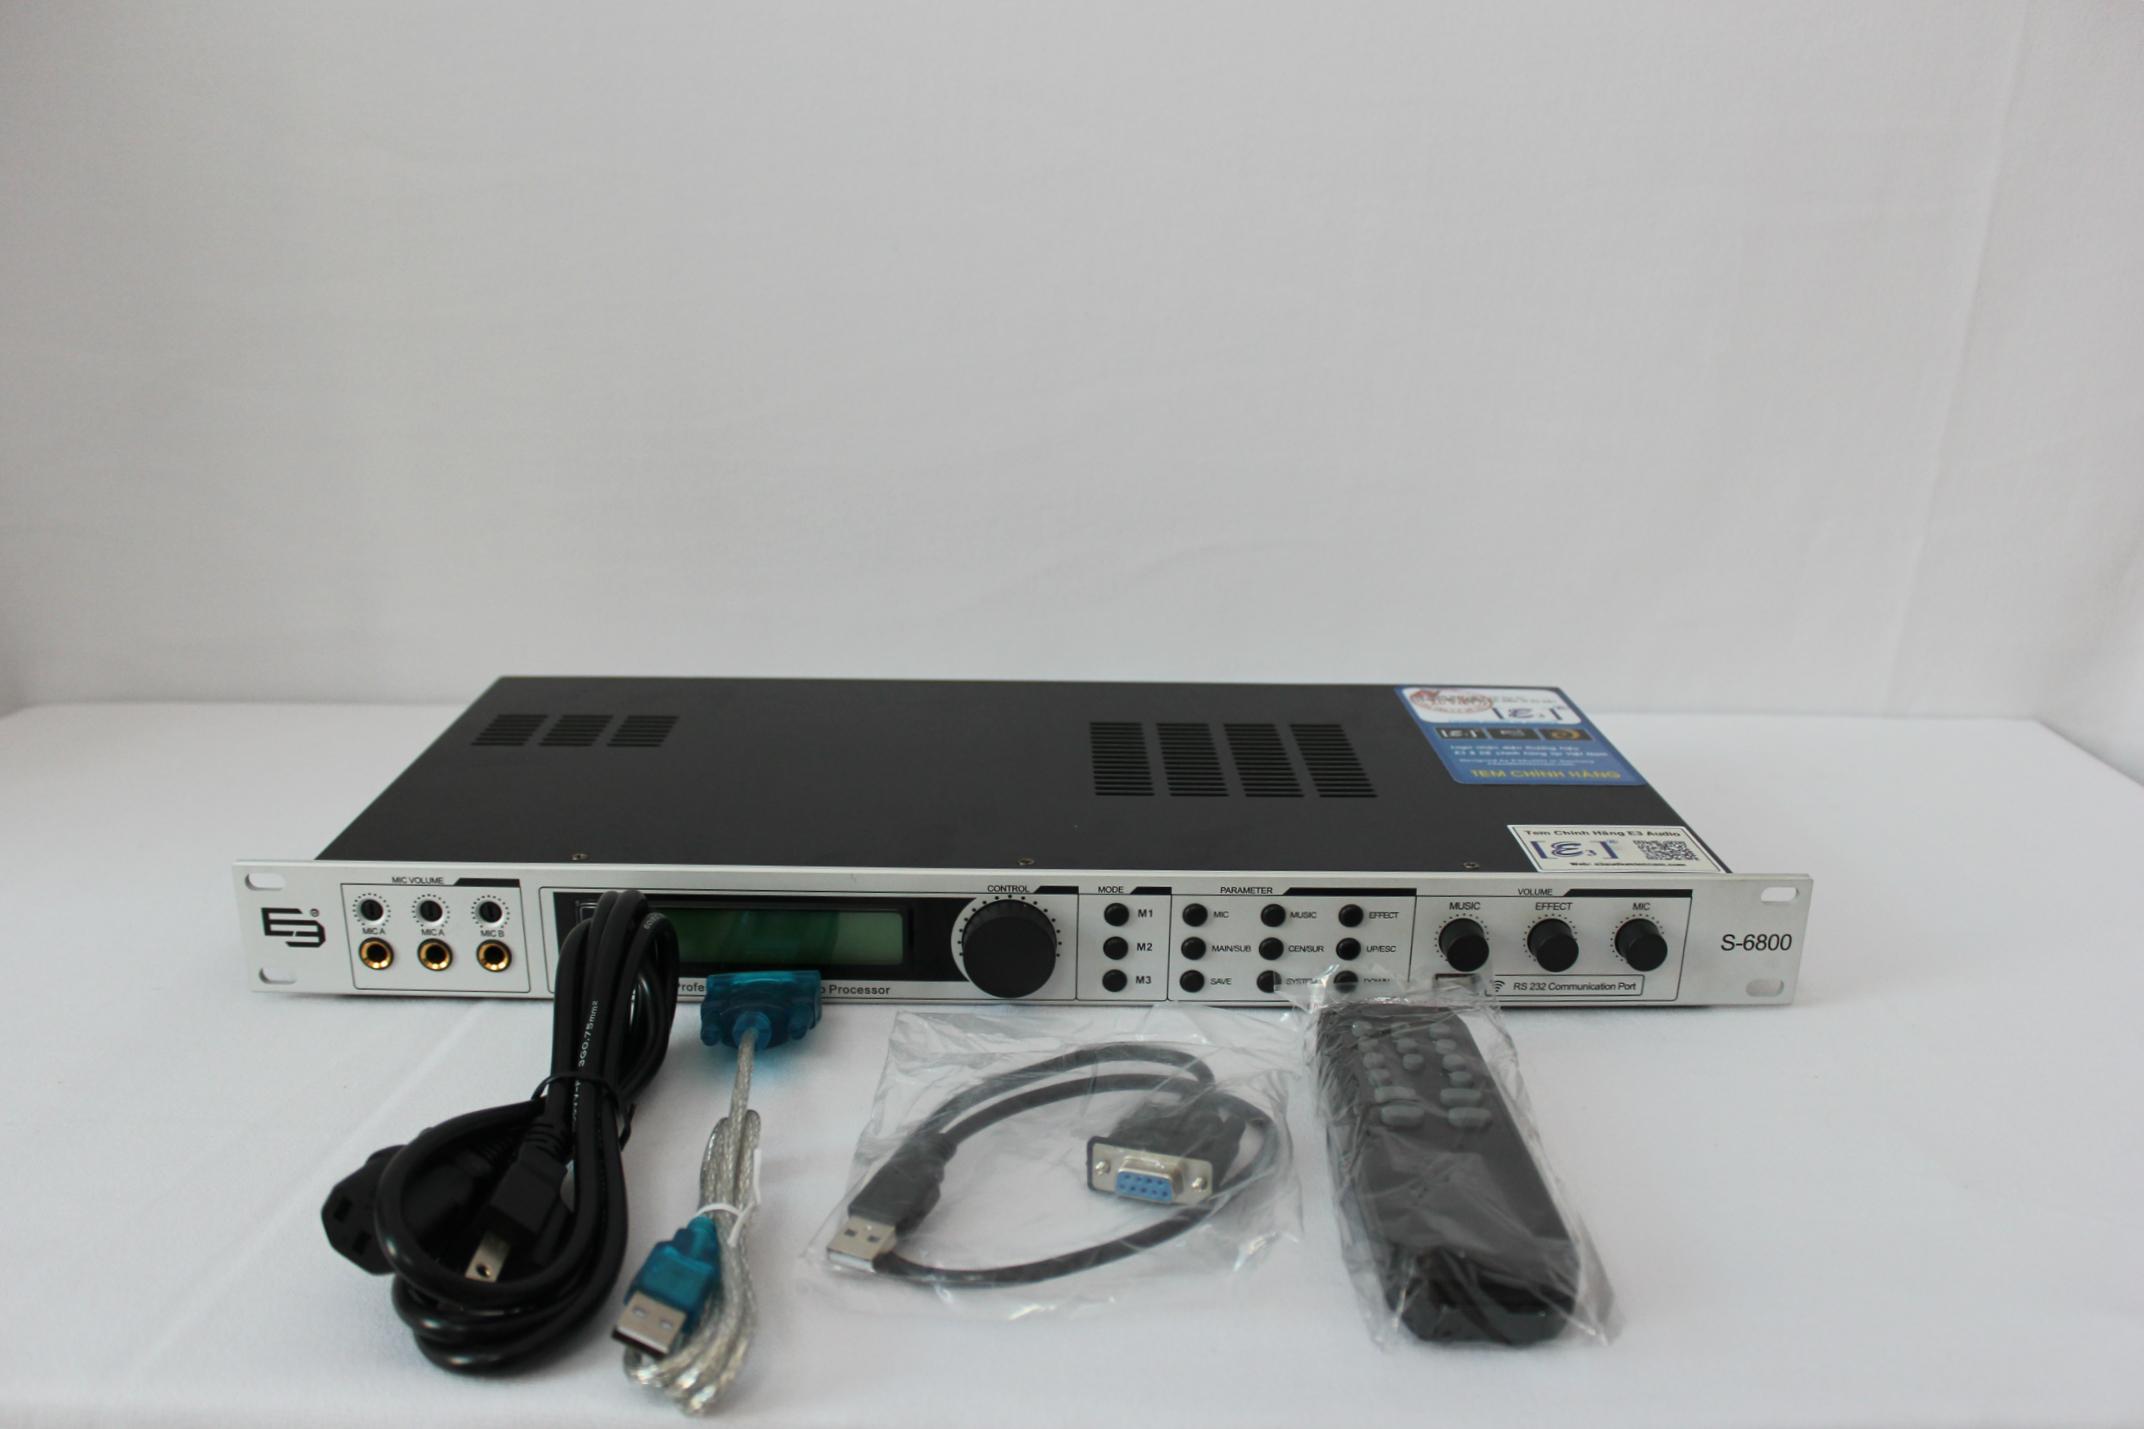 Mixer E3 S6800  Karaoke Kỹ Thuật Số Đa Chức Năng Chuyên Nghiệp Cho Dàn Âm Thanh( hàng chính hãng )